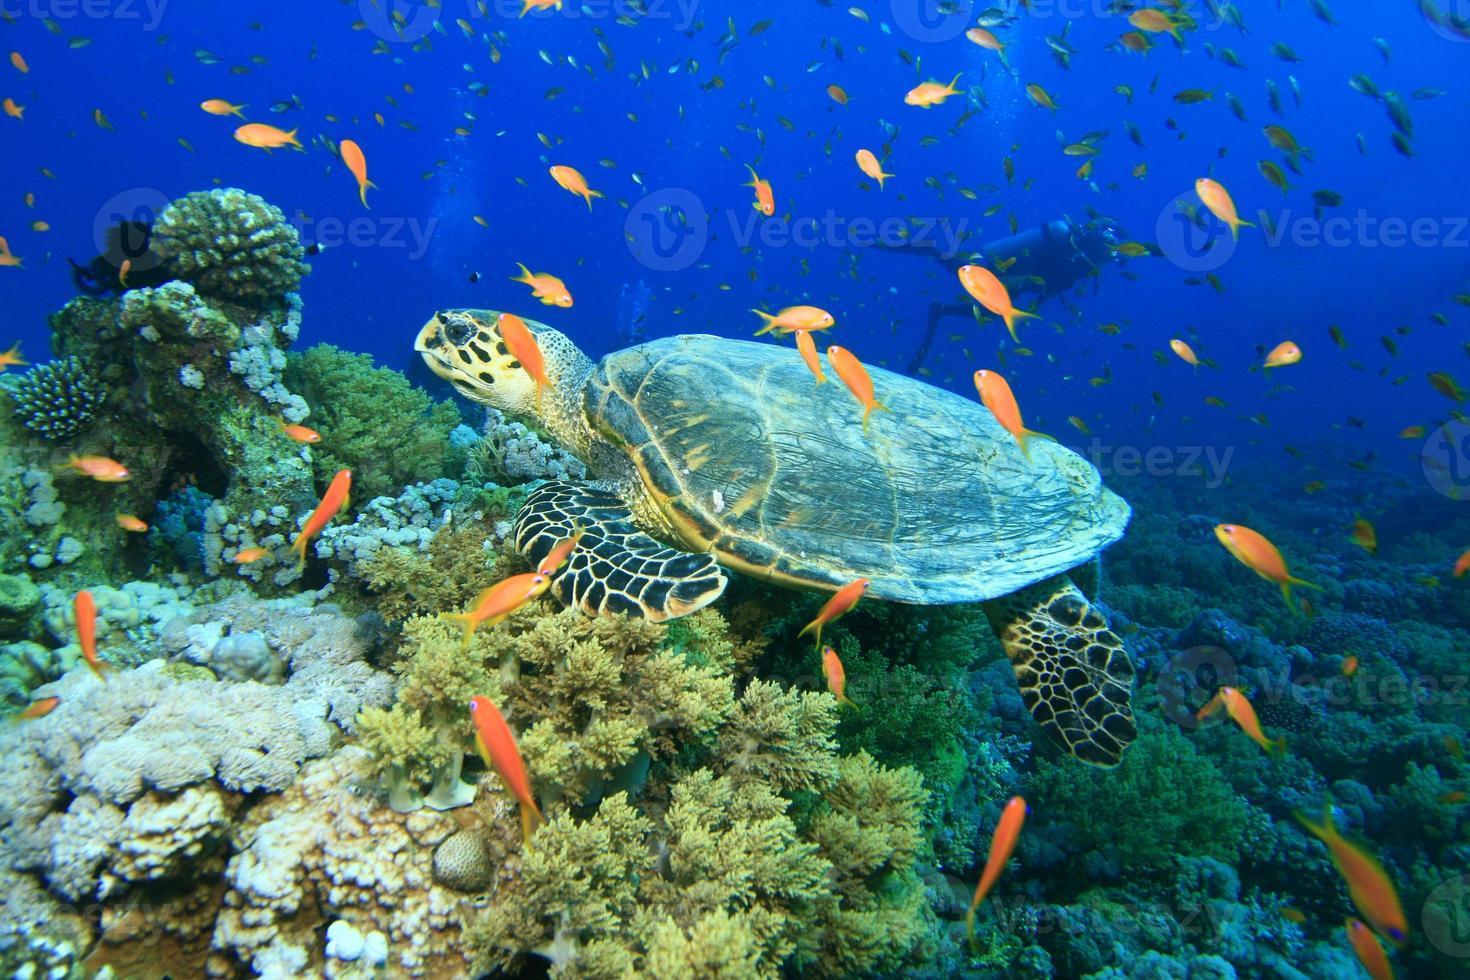 tartaruga-de-pente e peixes tropicais foto